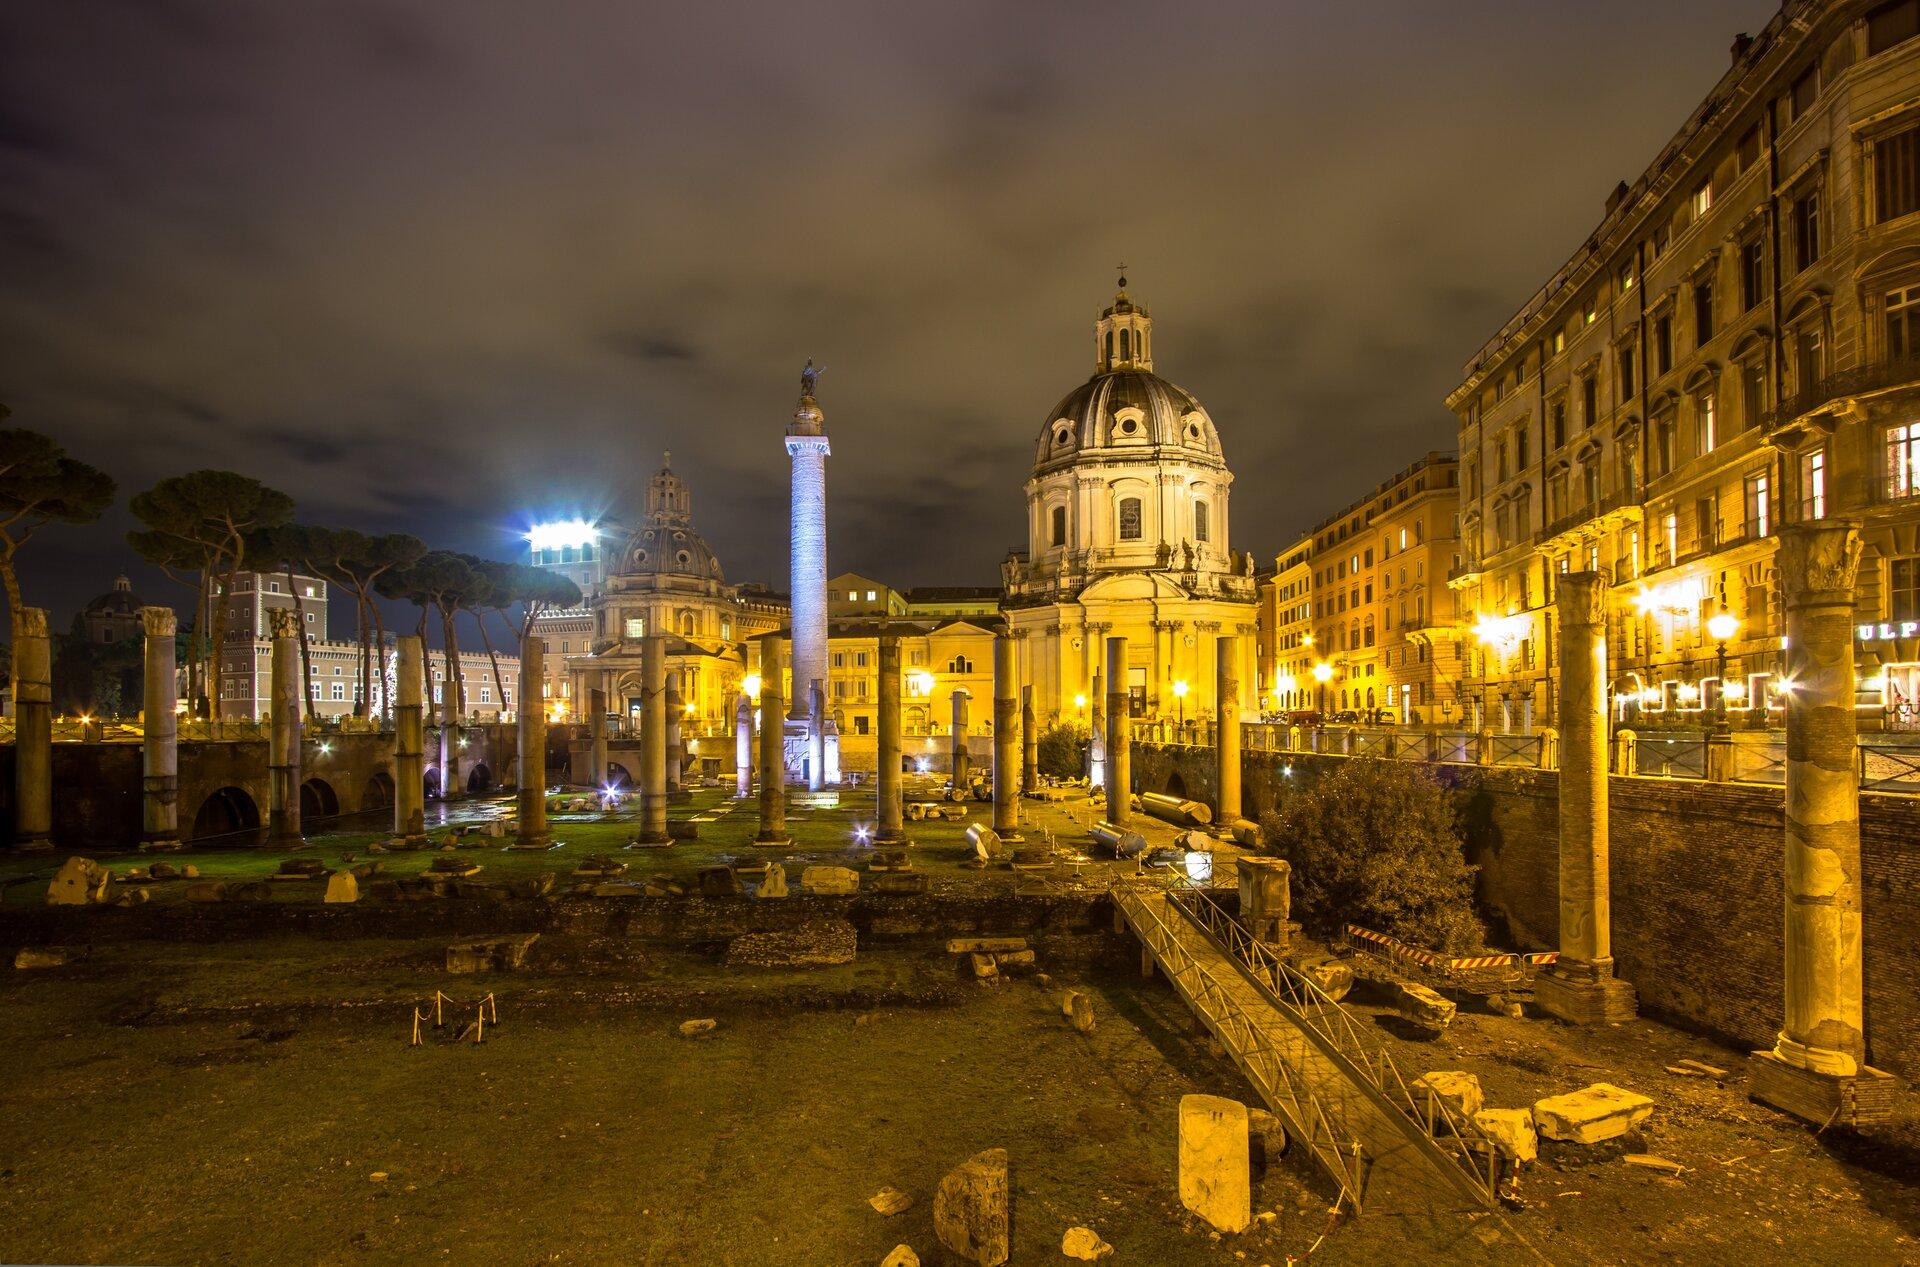 Fotografia nieznanego autora przedstawia widok na Forum Trajana wRzymie. Znajdują się na nim ruiny kolumnady. Wtle przedstawione są współczesne budynki. Zdjęcie wykonano wnocy.